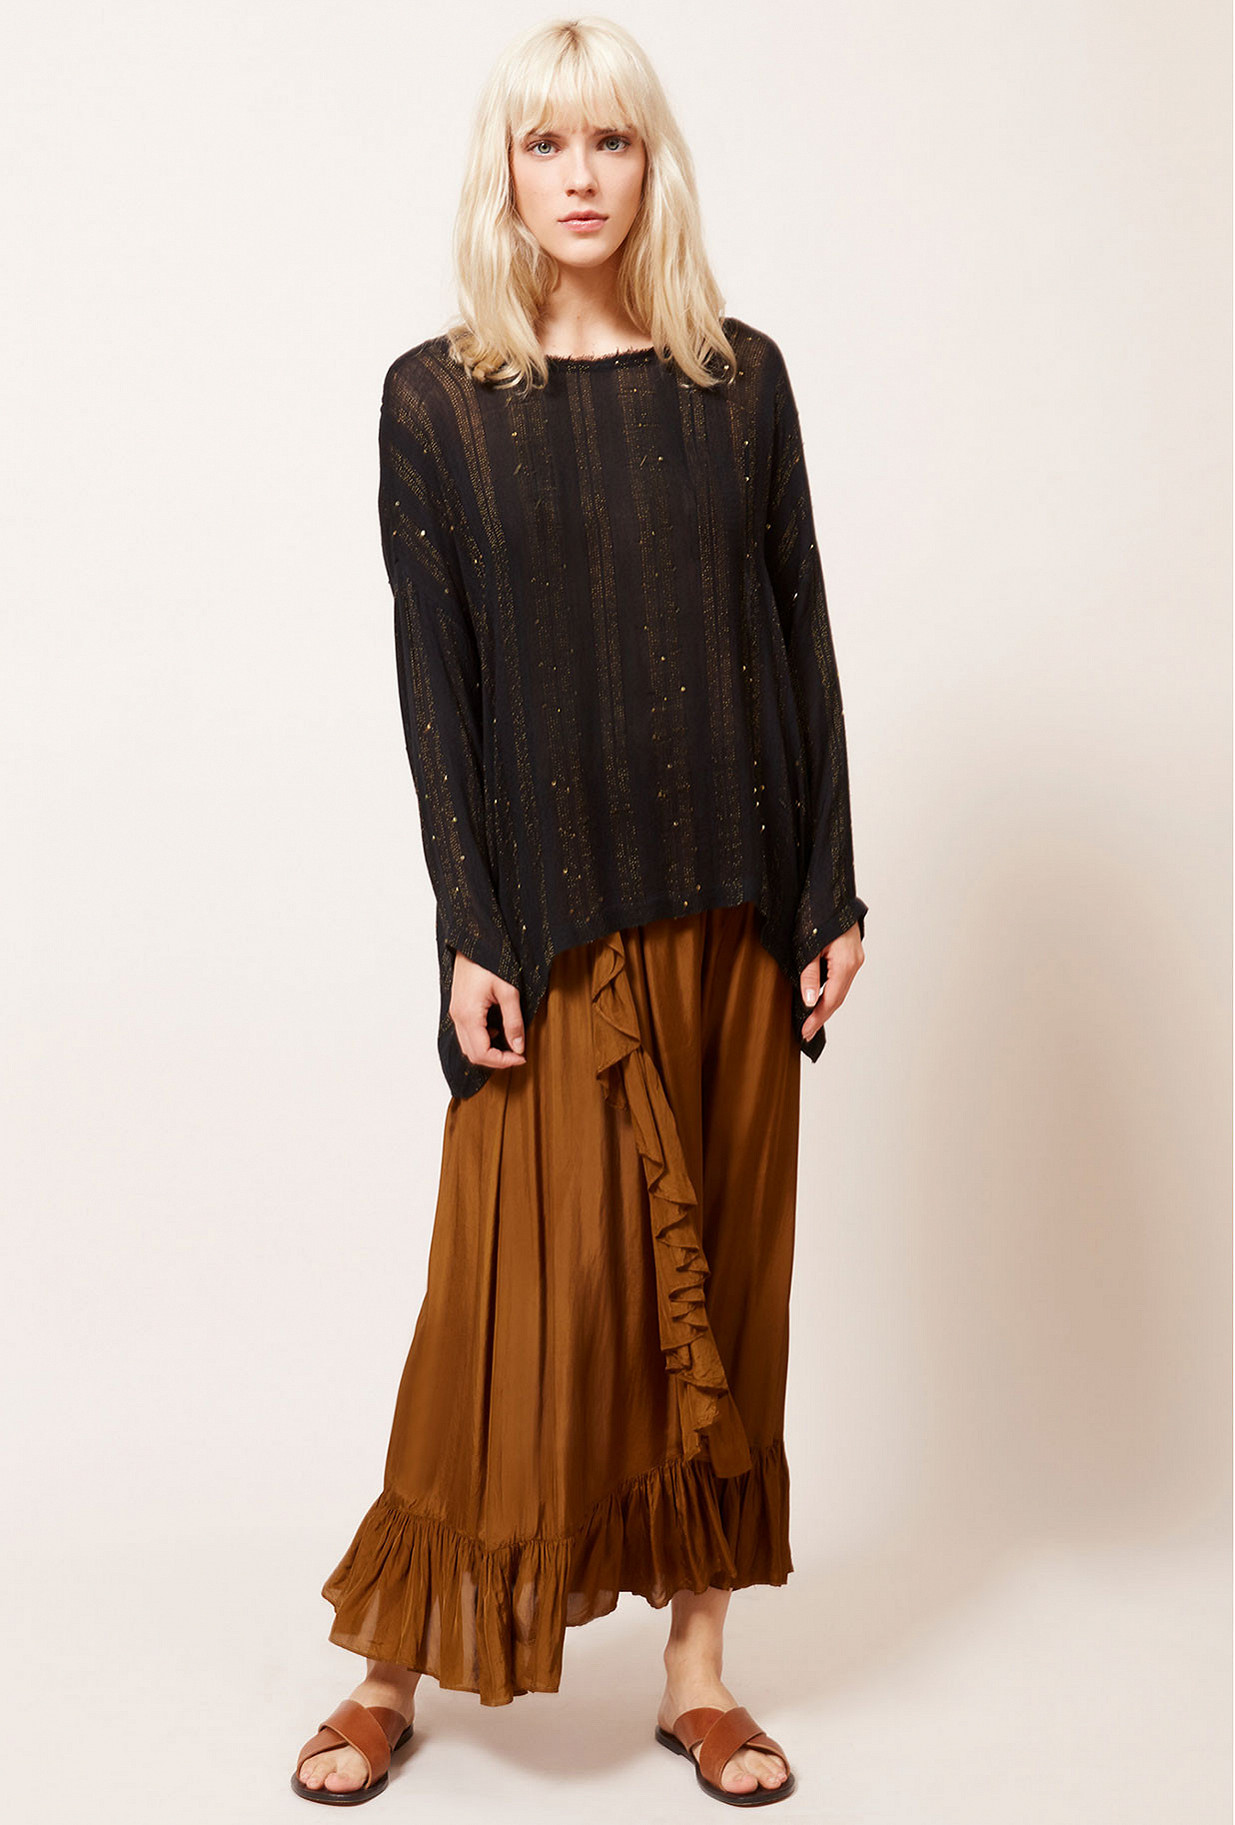 Paris clothes store Blouse  Nirveli french designer fashion Paris